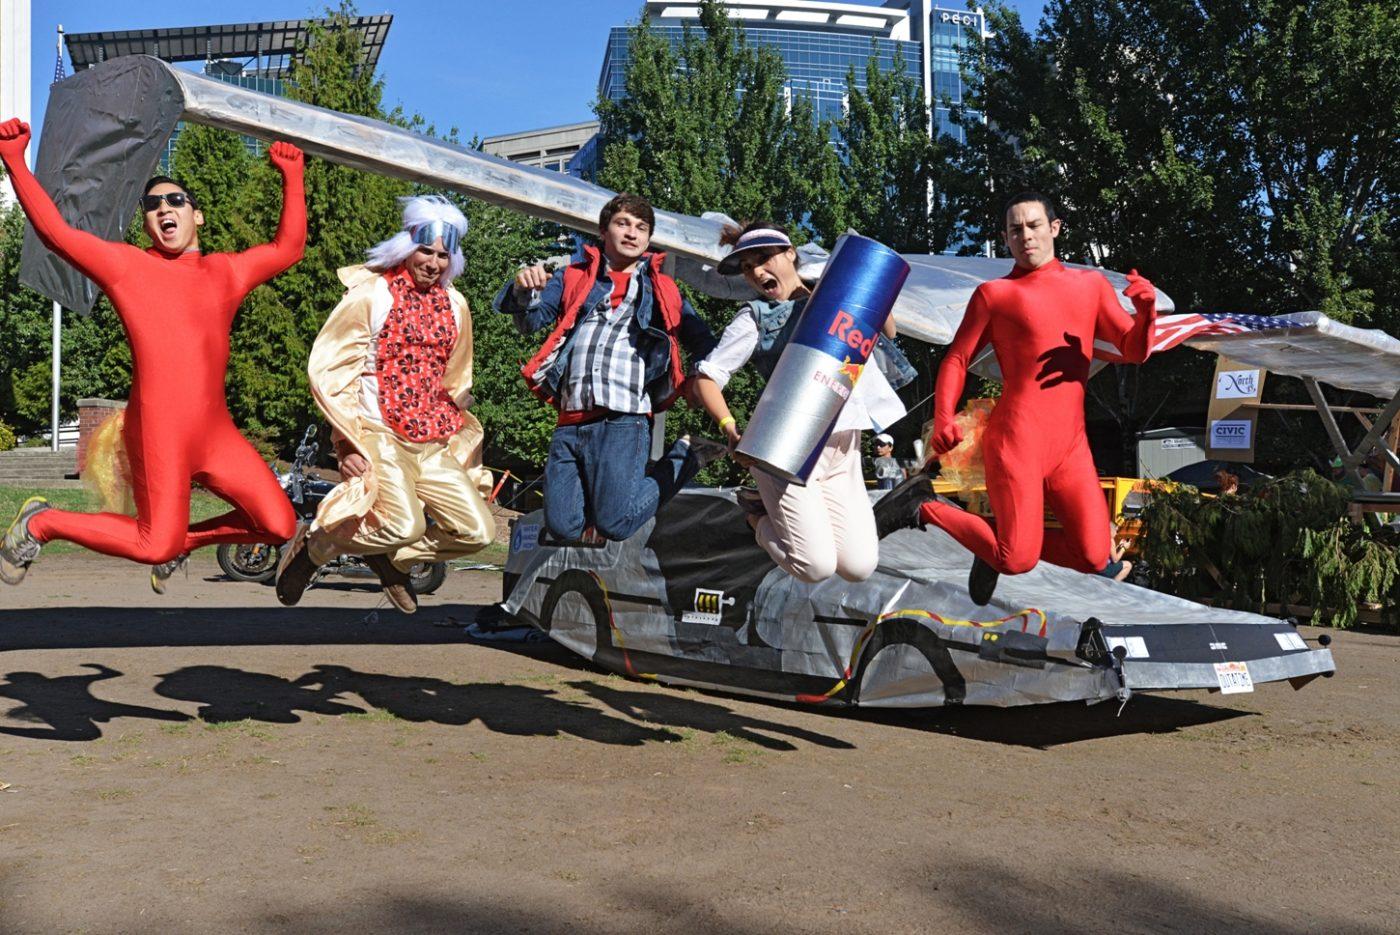 Photo: Team Montucky (http://www.redbullflugtag.com/usa-portland/en/team/montucky/)